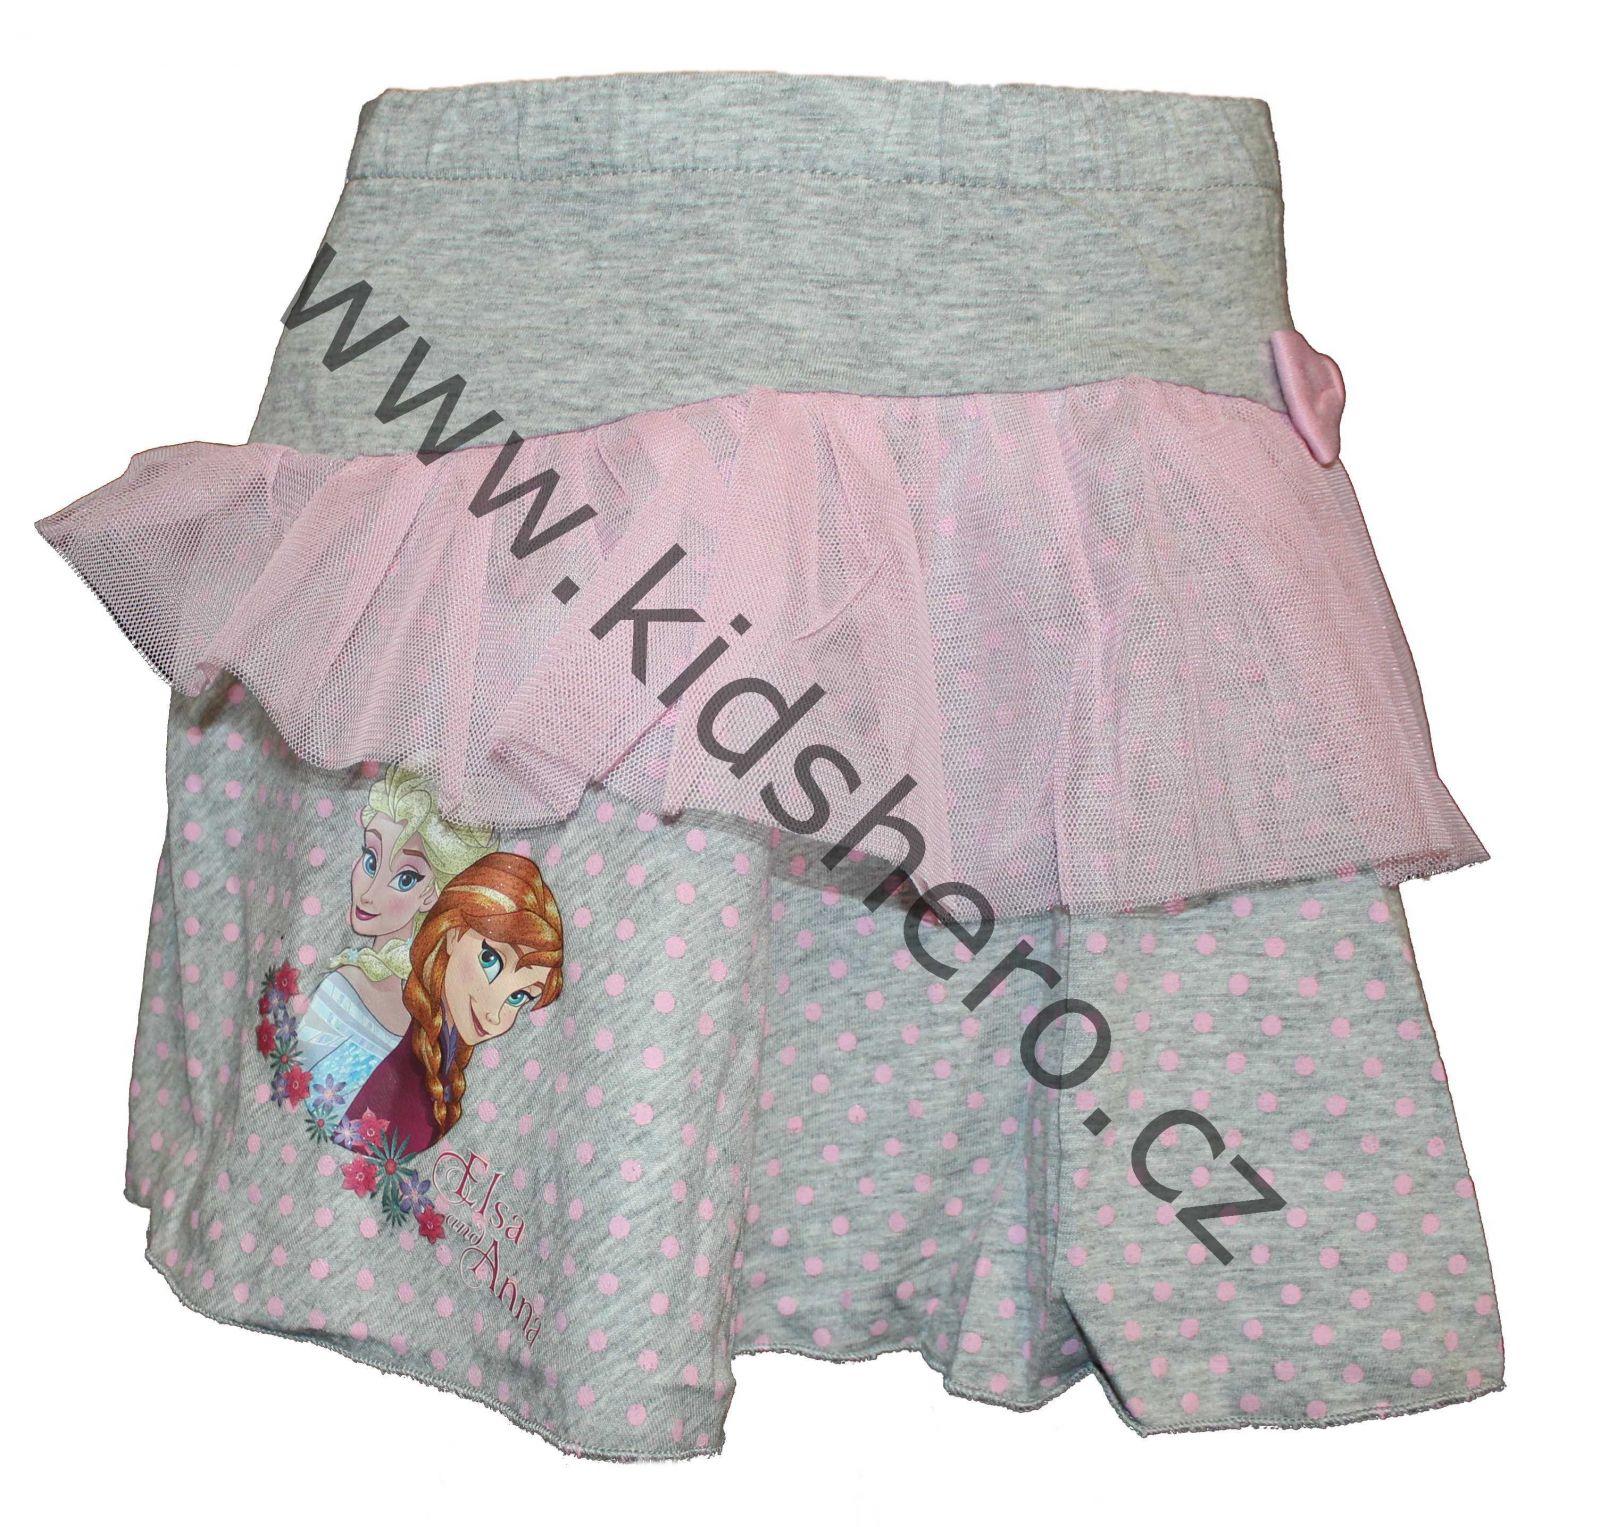 Dětská sukně Frozen, dívčí sukýnka ledové království, sukně Disney